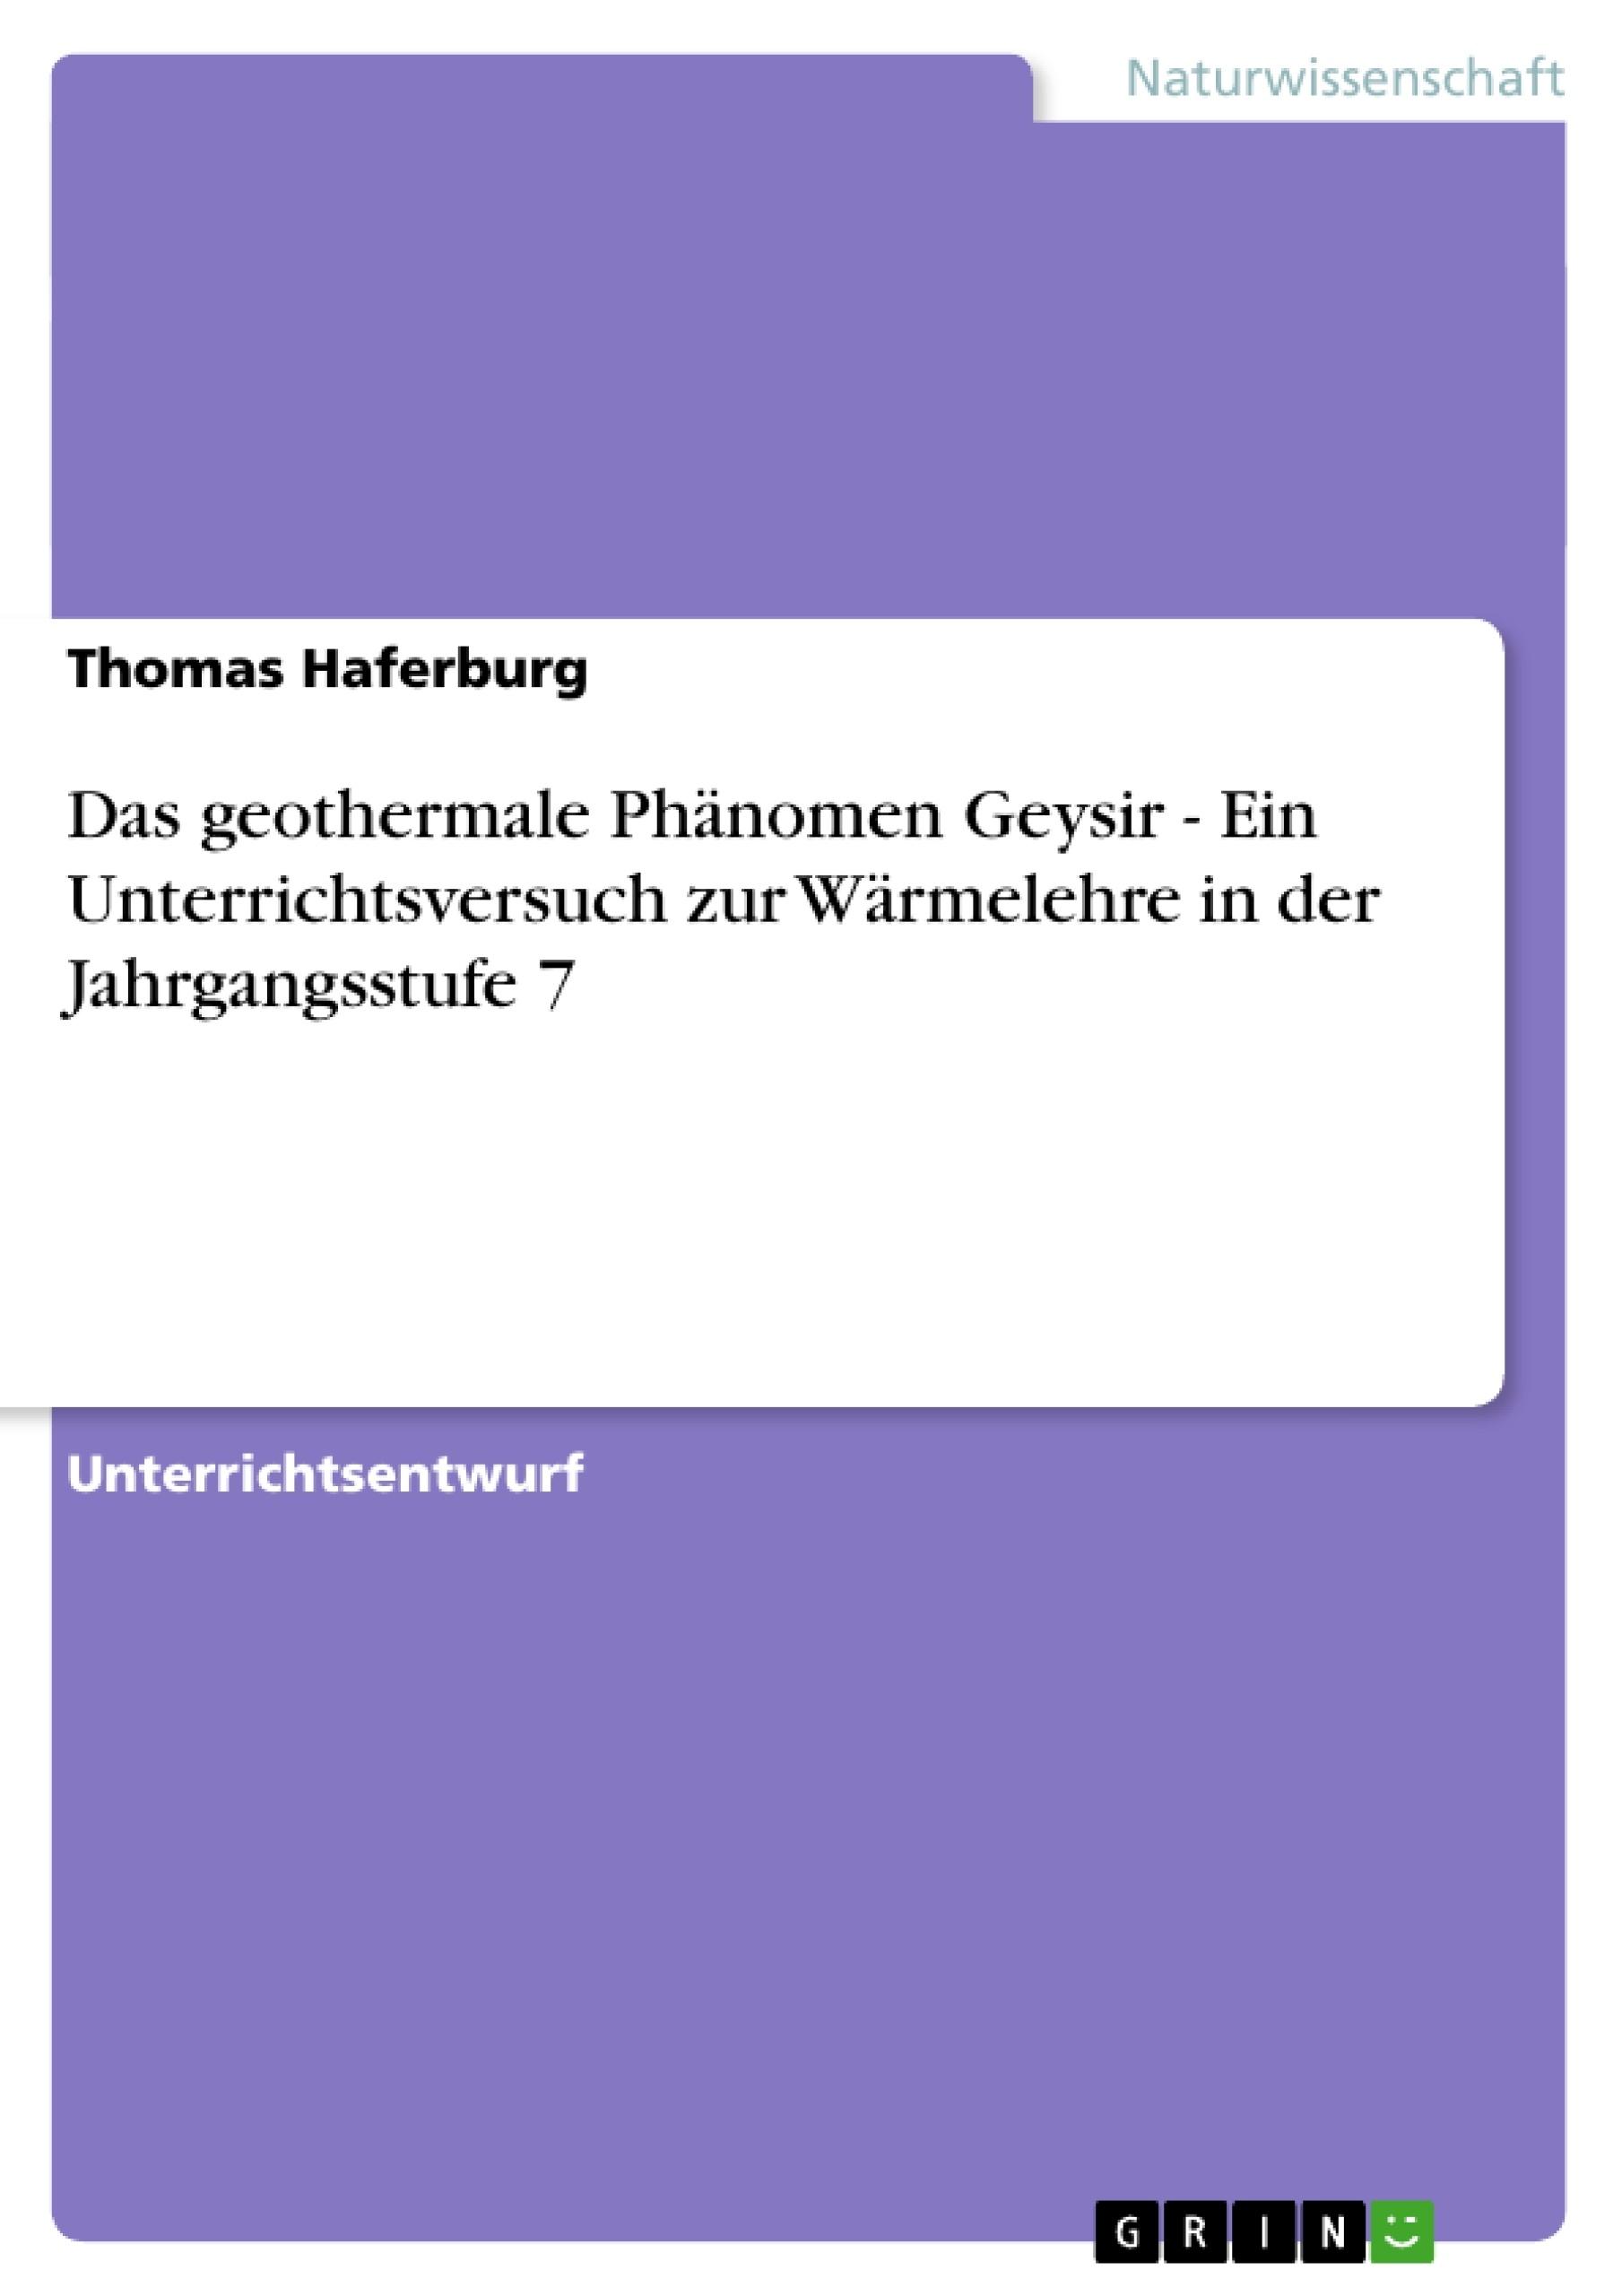 Titel: Das geothermale Phänomen Geysir - Ein Unterrichtsversuch zur Wärmelehre in der Jahrgangsstufe 7